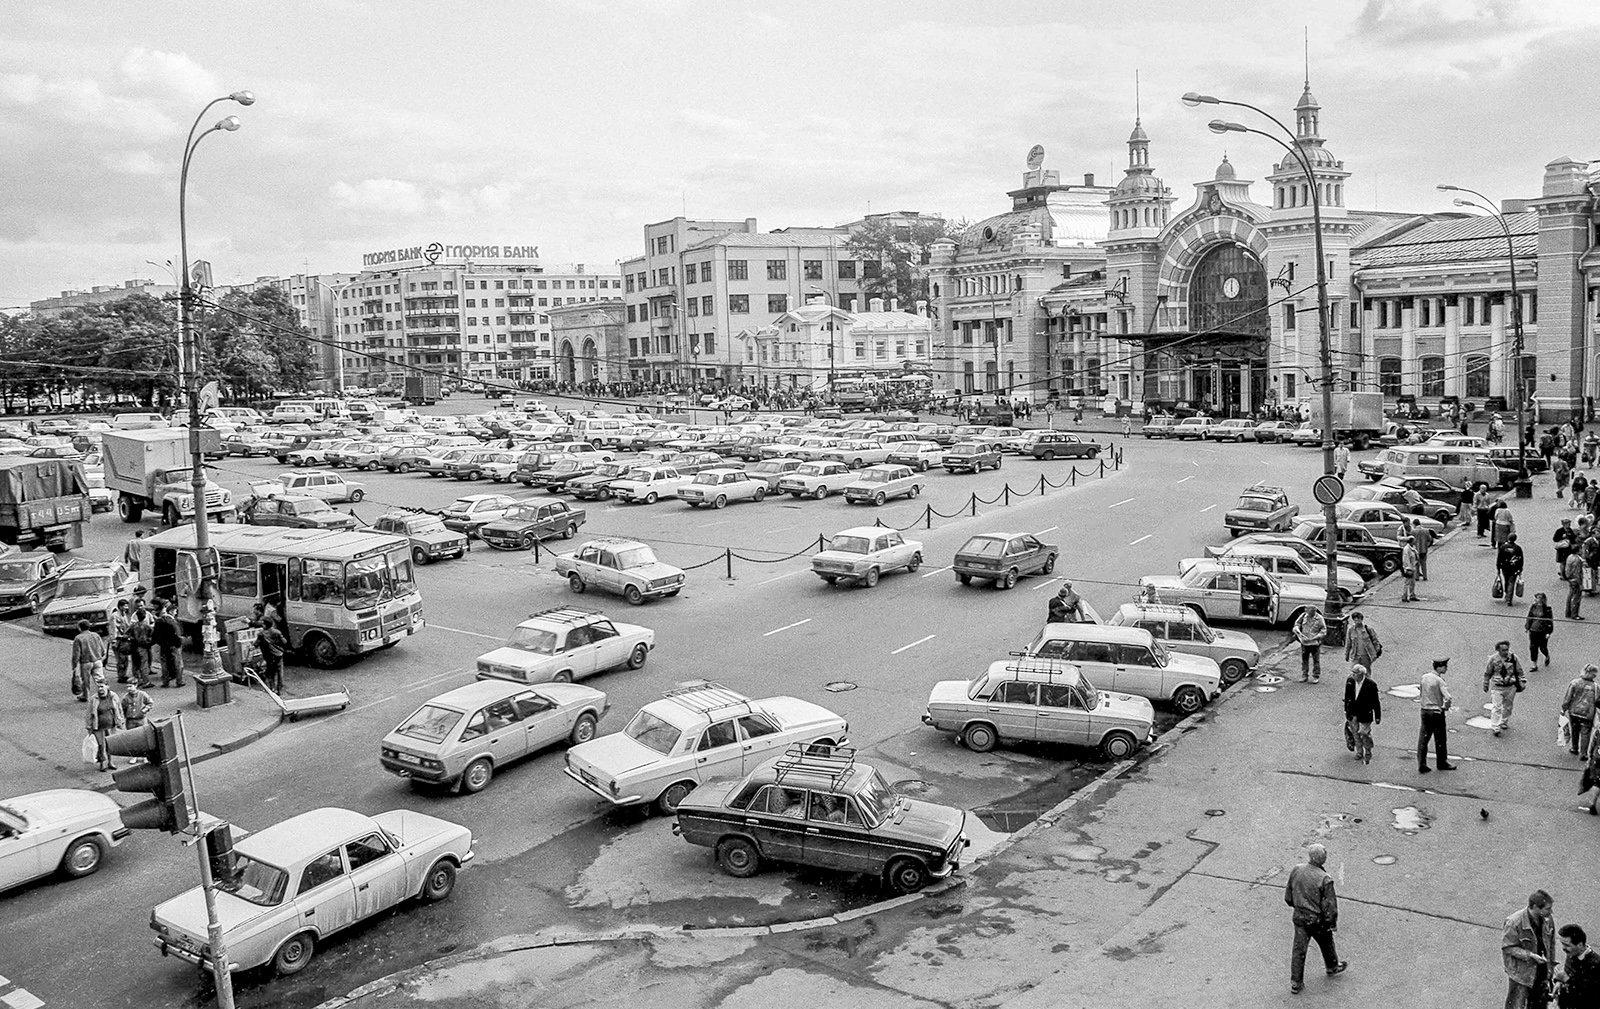 Общий вид площади Тверская Застава. Автор В. Мариньо. 18 августа 1994 года. Главархив Москвы / Free / Официальный сайт мэра и правительства Москвы